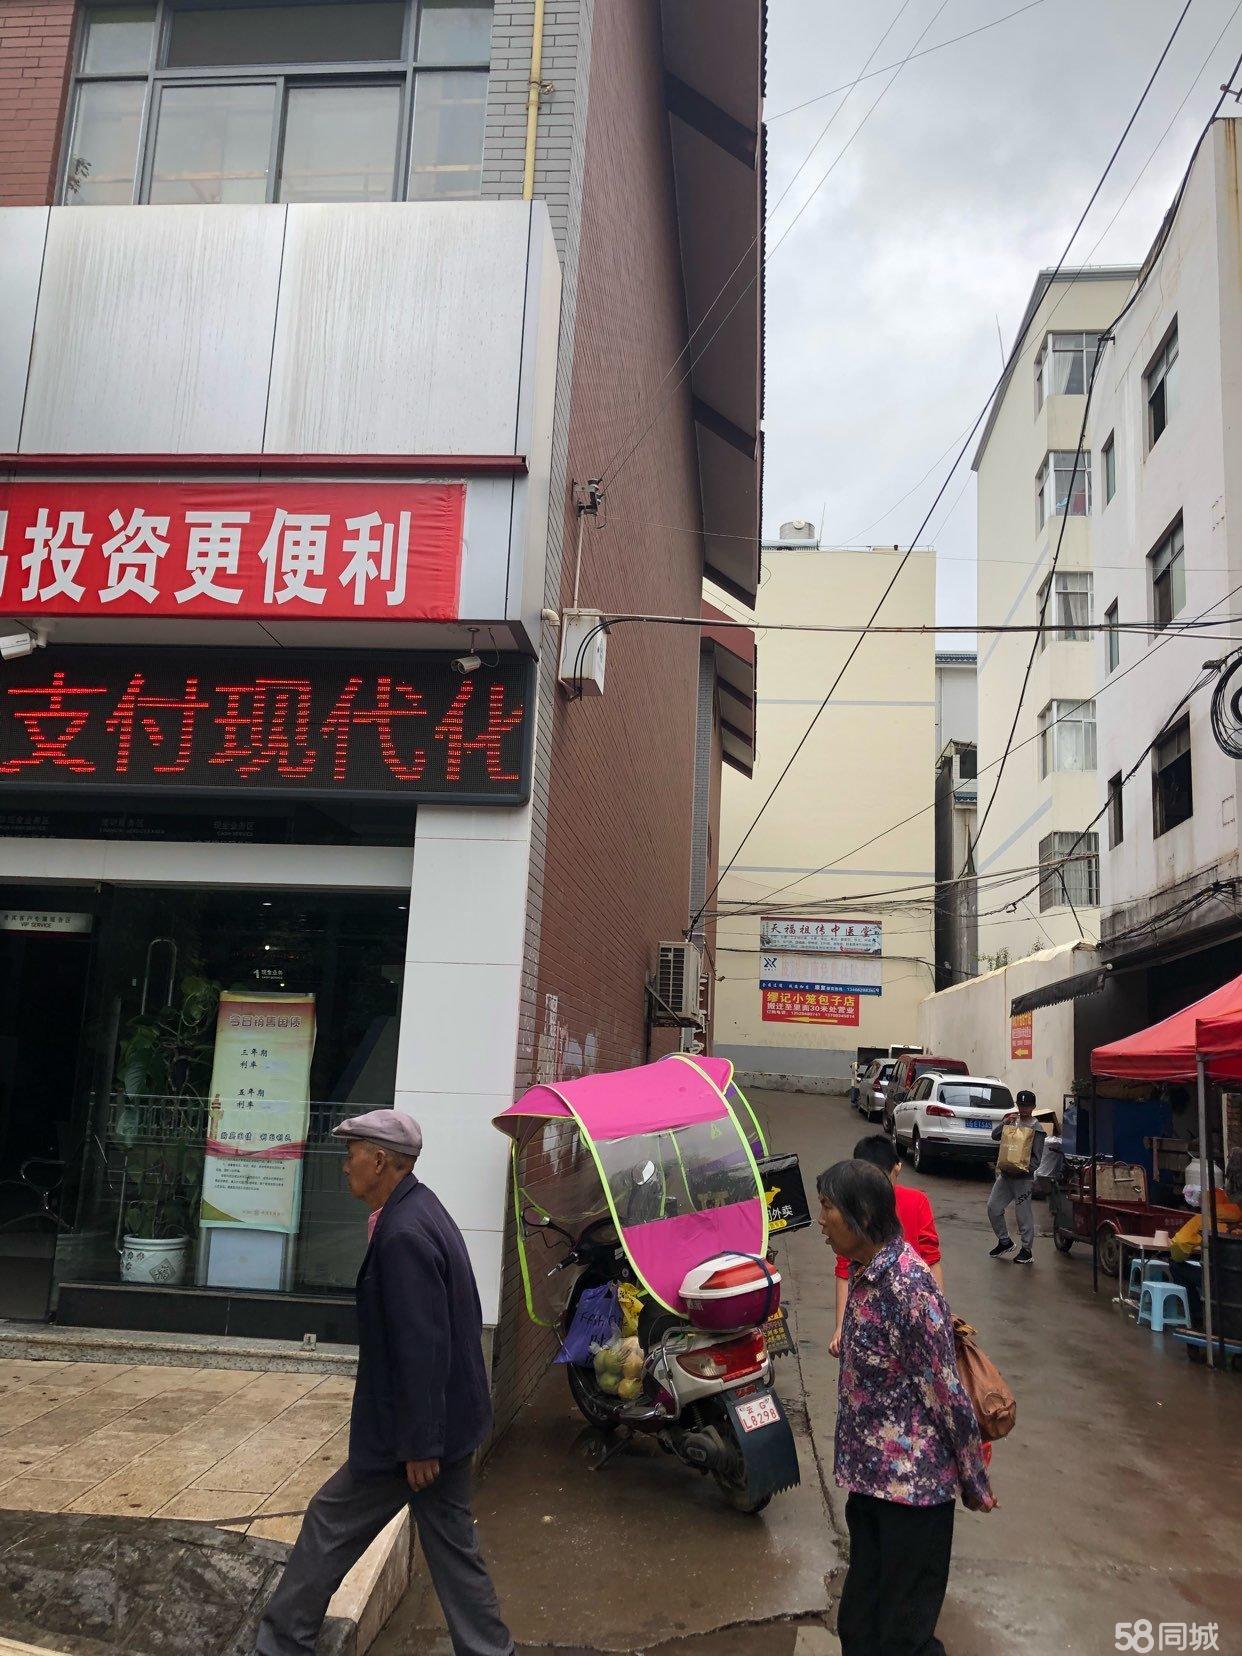 澳门网上投注平台县泰阁商业中心农行职工宿舍出售